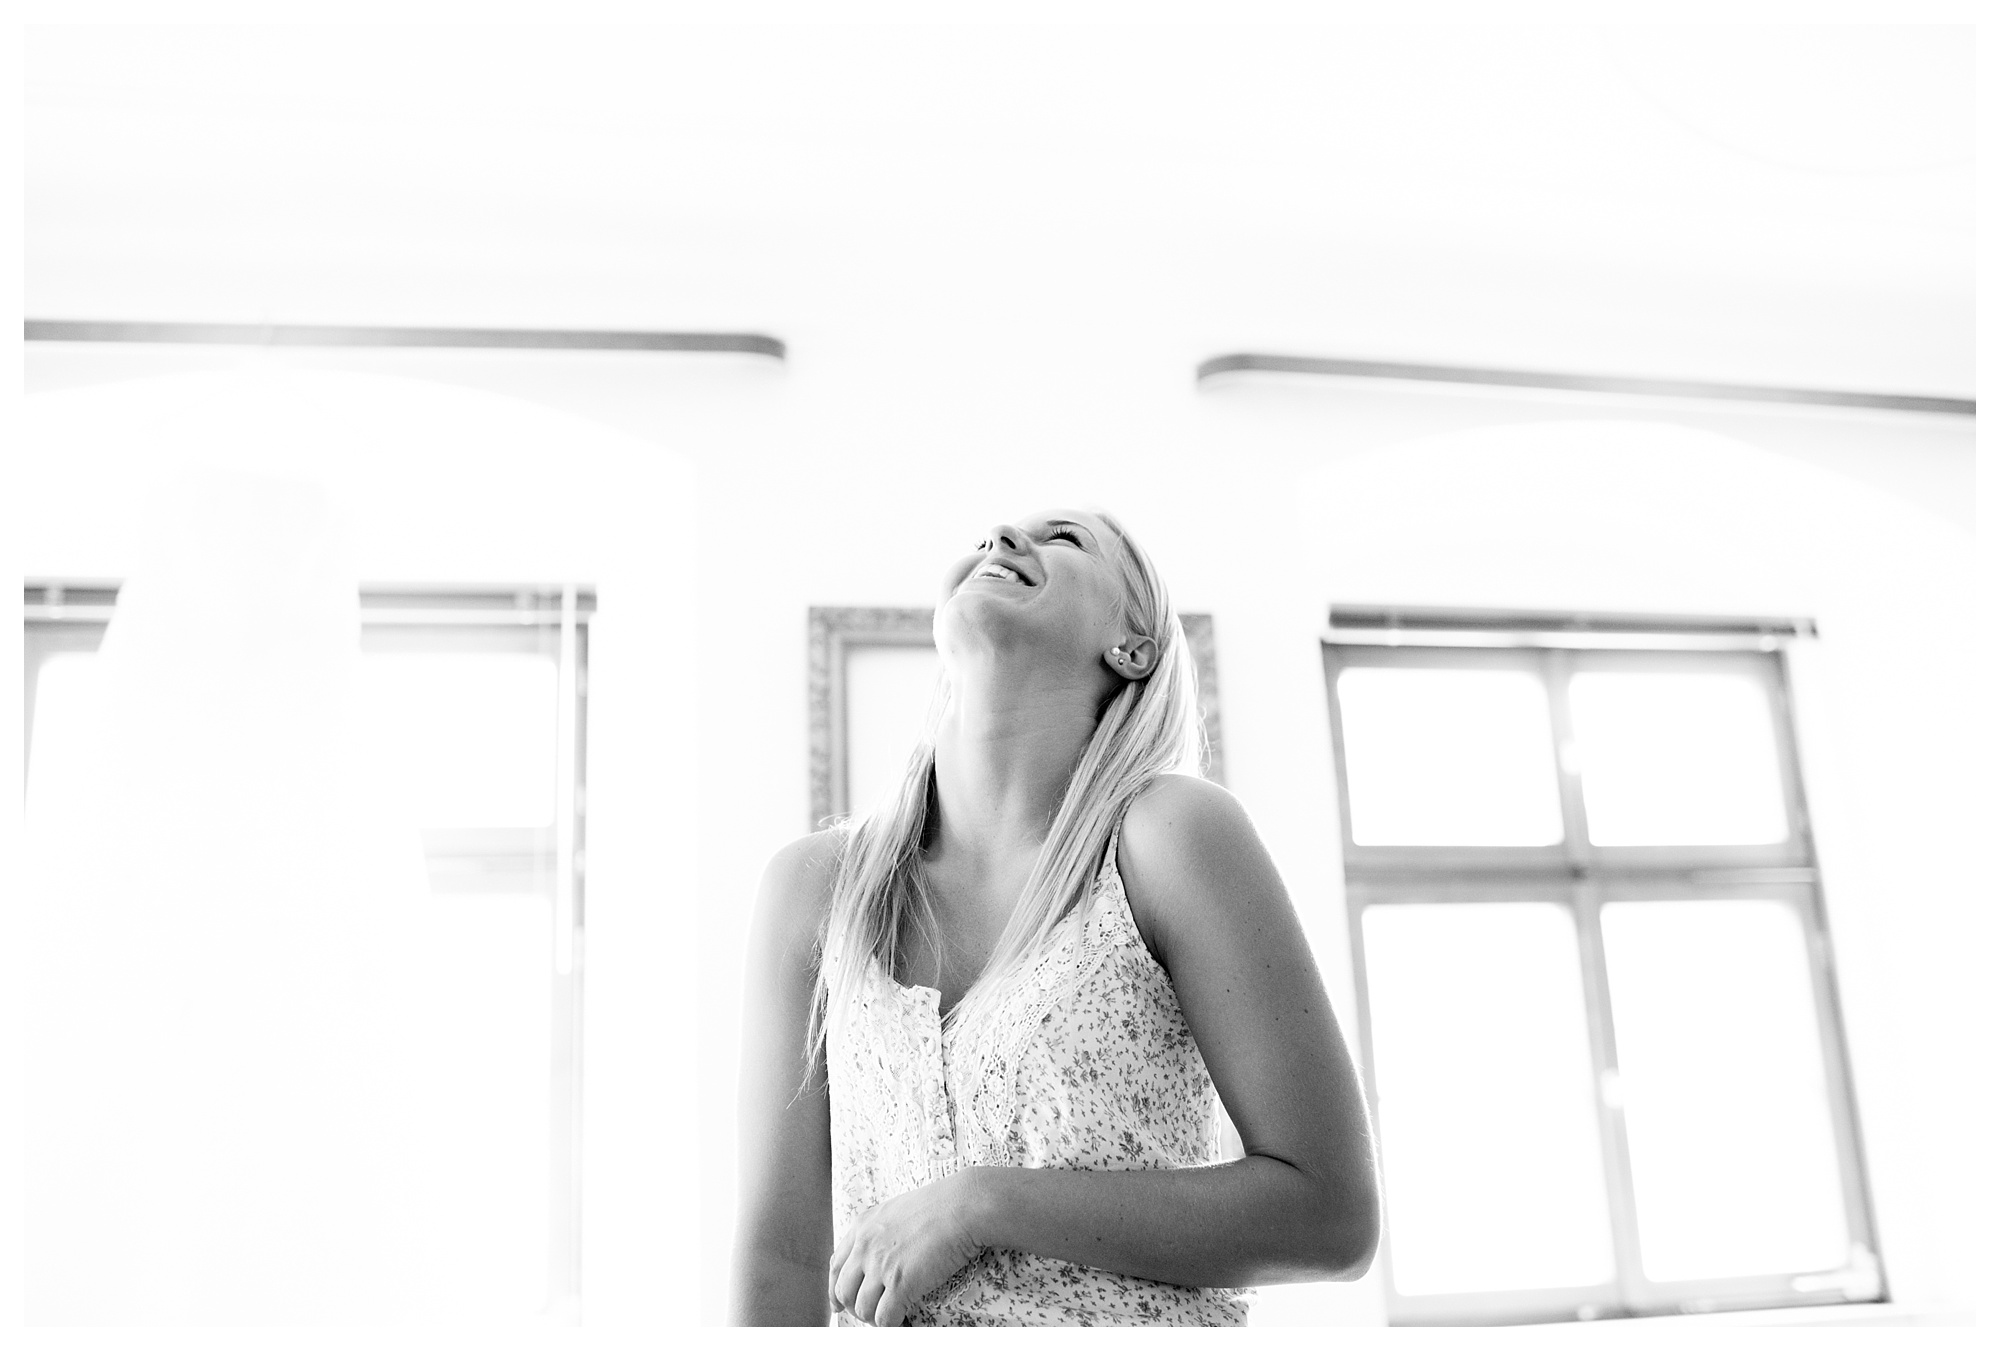 Fotograf Konstanz - Hochzeit Tanja Elmar Elmar Feuerbacher Photography Konstanz Messkirch Highlights 009 - Hochzeitsreportage von Tanja und Elmar im Schloss Meßkirch  - 8 -